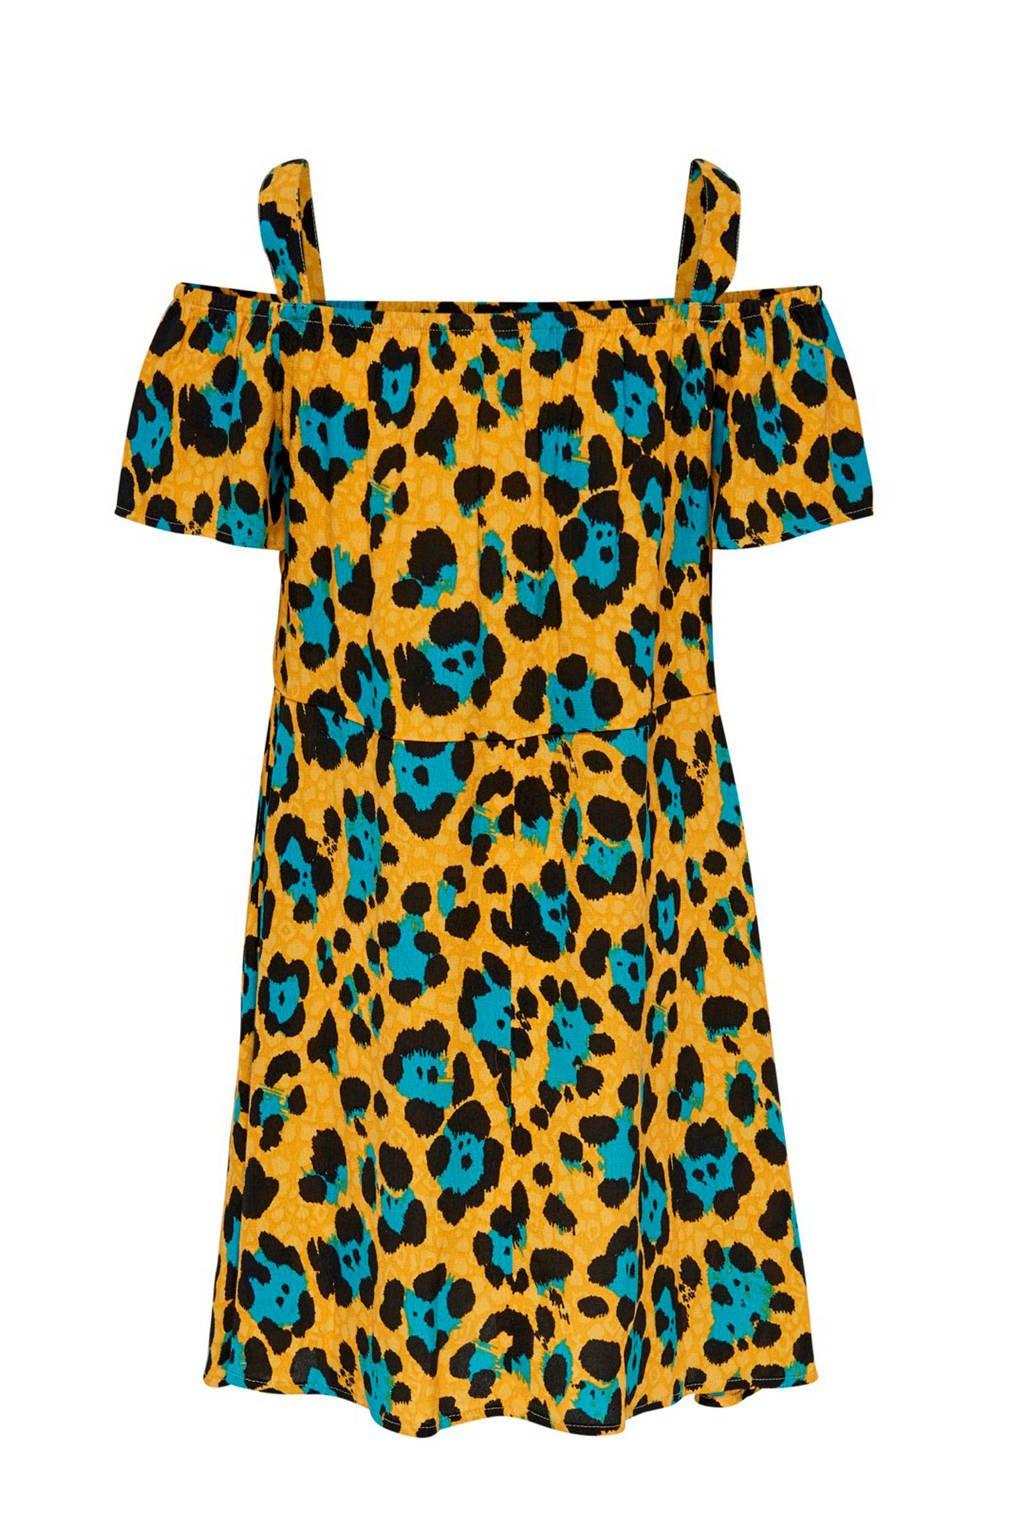 KIDS ONLY open shoulder jurk Idun met panterprint geel, Geel/Blauw/Zwart